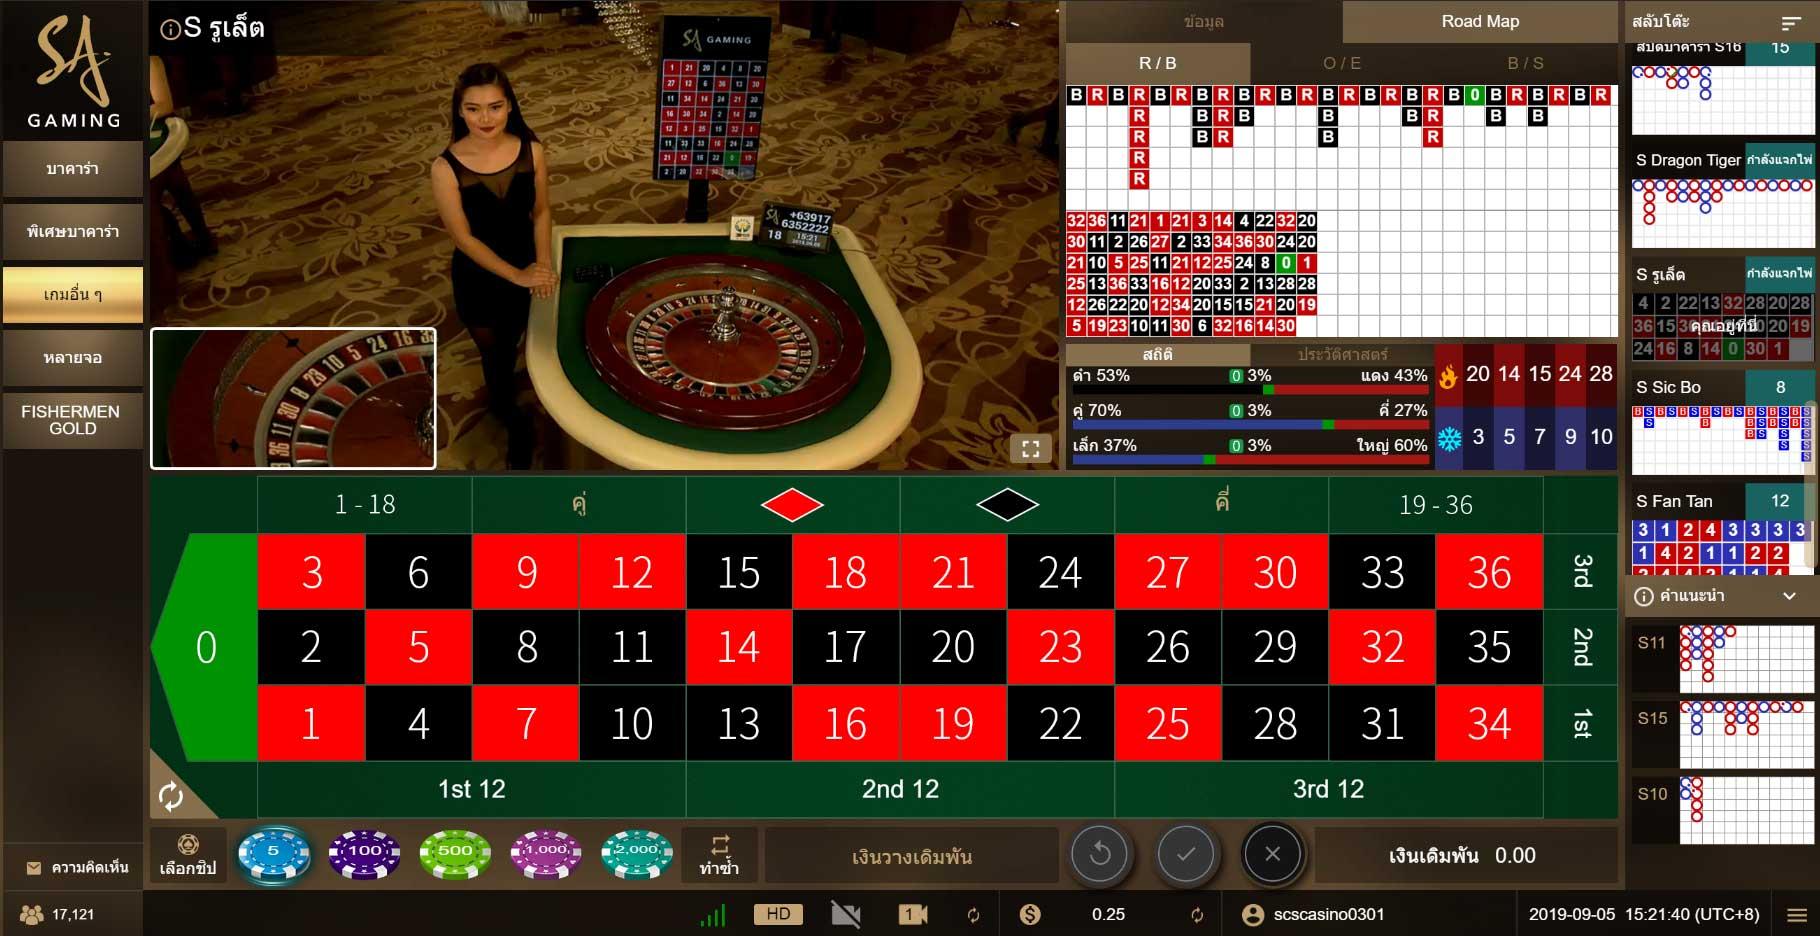 หน้าการเล่น รูเล็ต SA Gaming